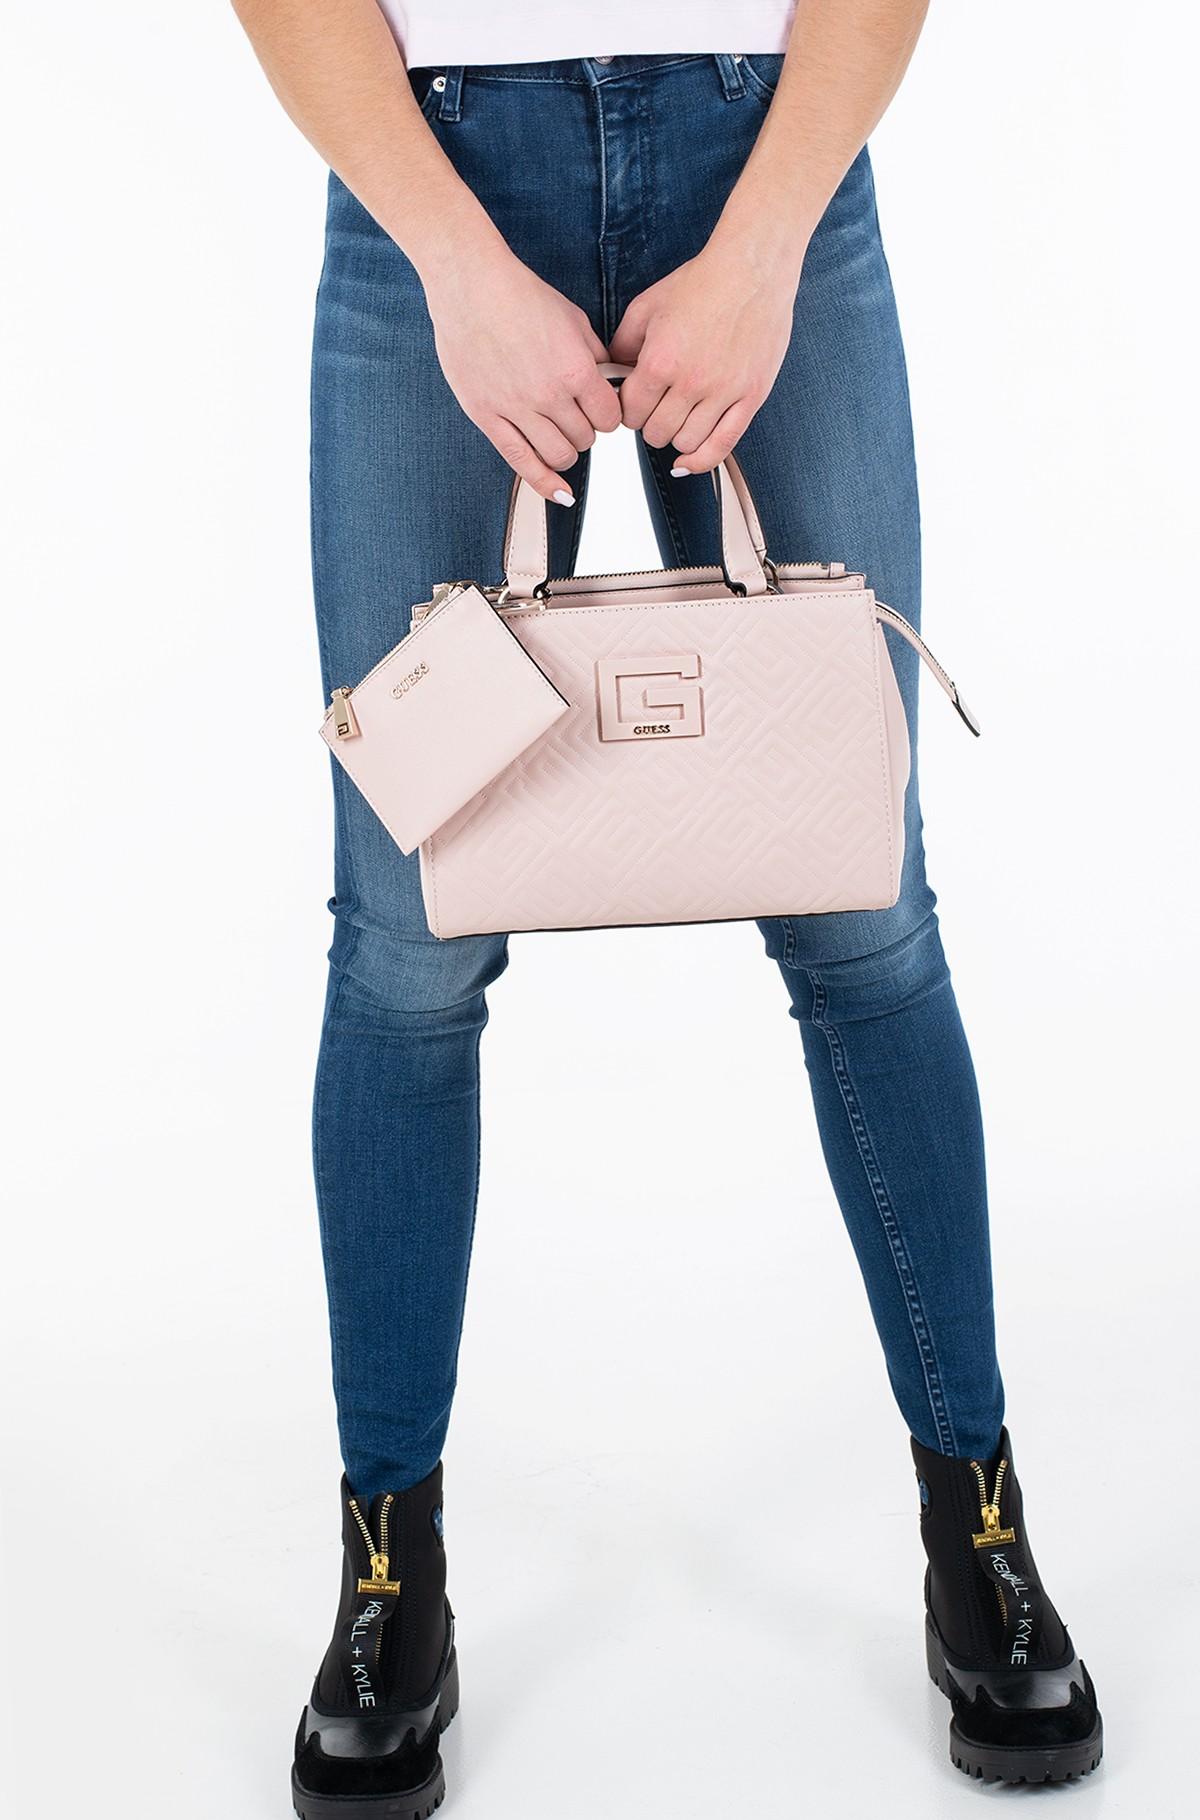 Shoulder bag HWQG77 38050-full-1